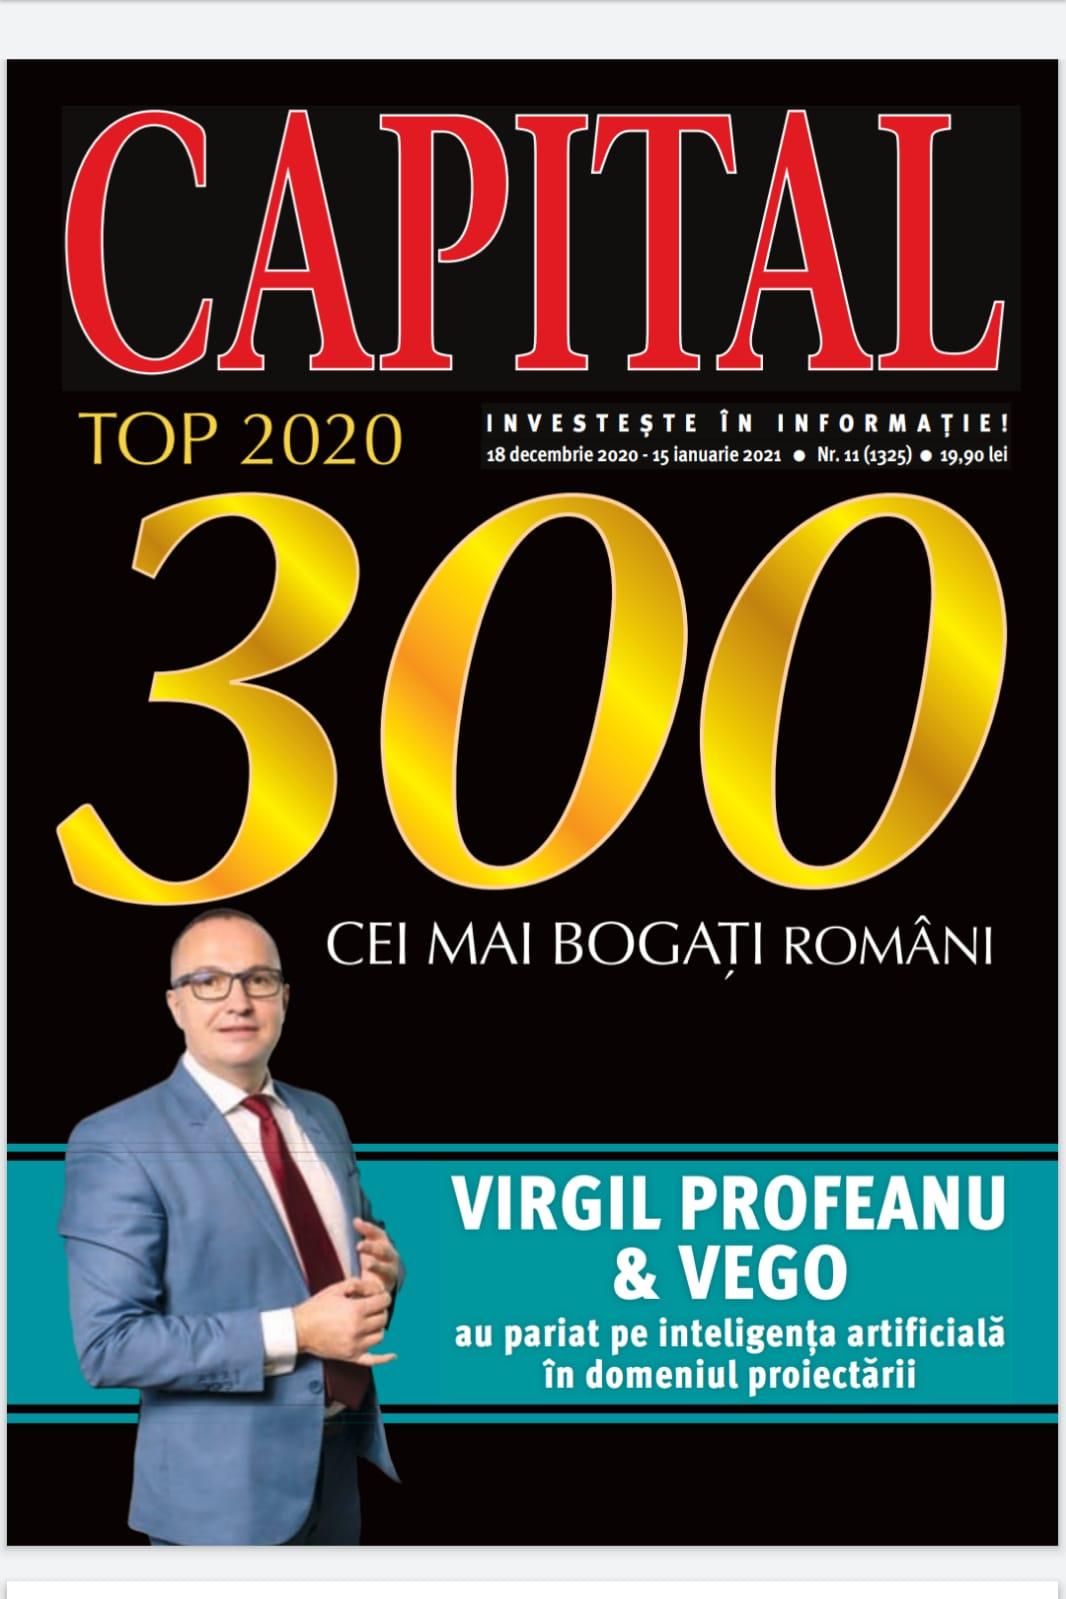 Story Capital! Virgil Profeanu și Vego au pariat pe AI în domeniul proiectării